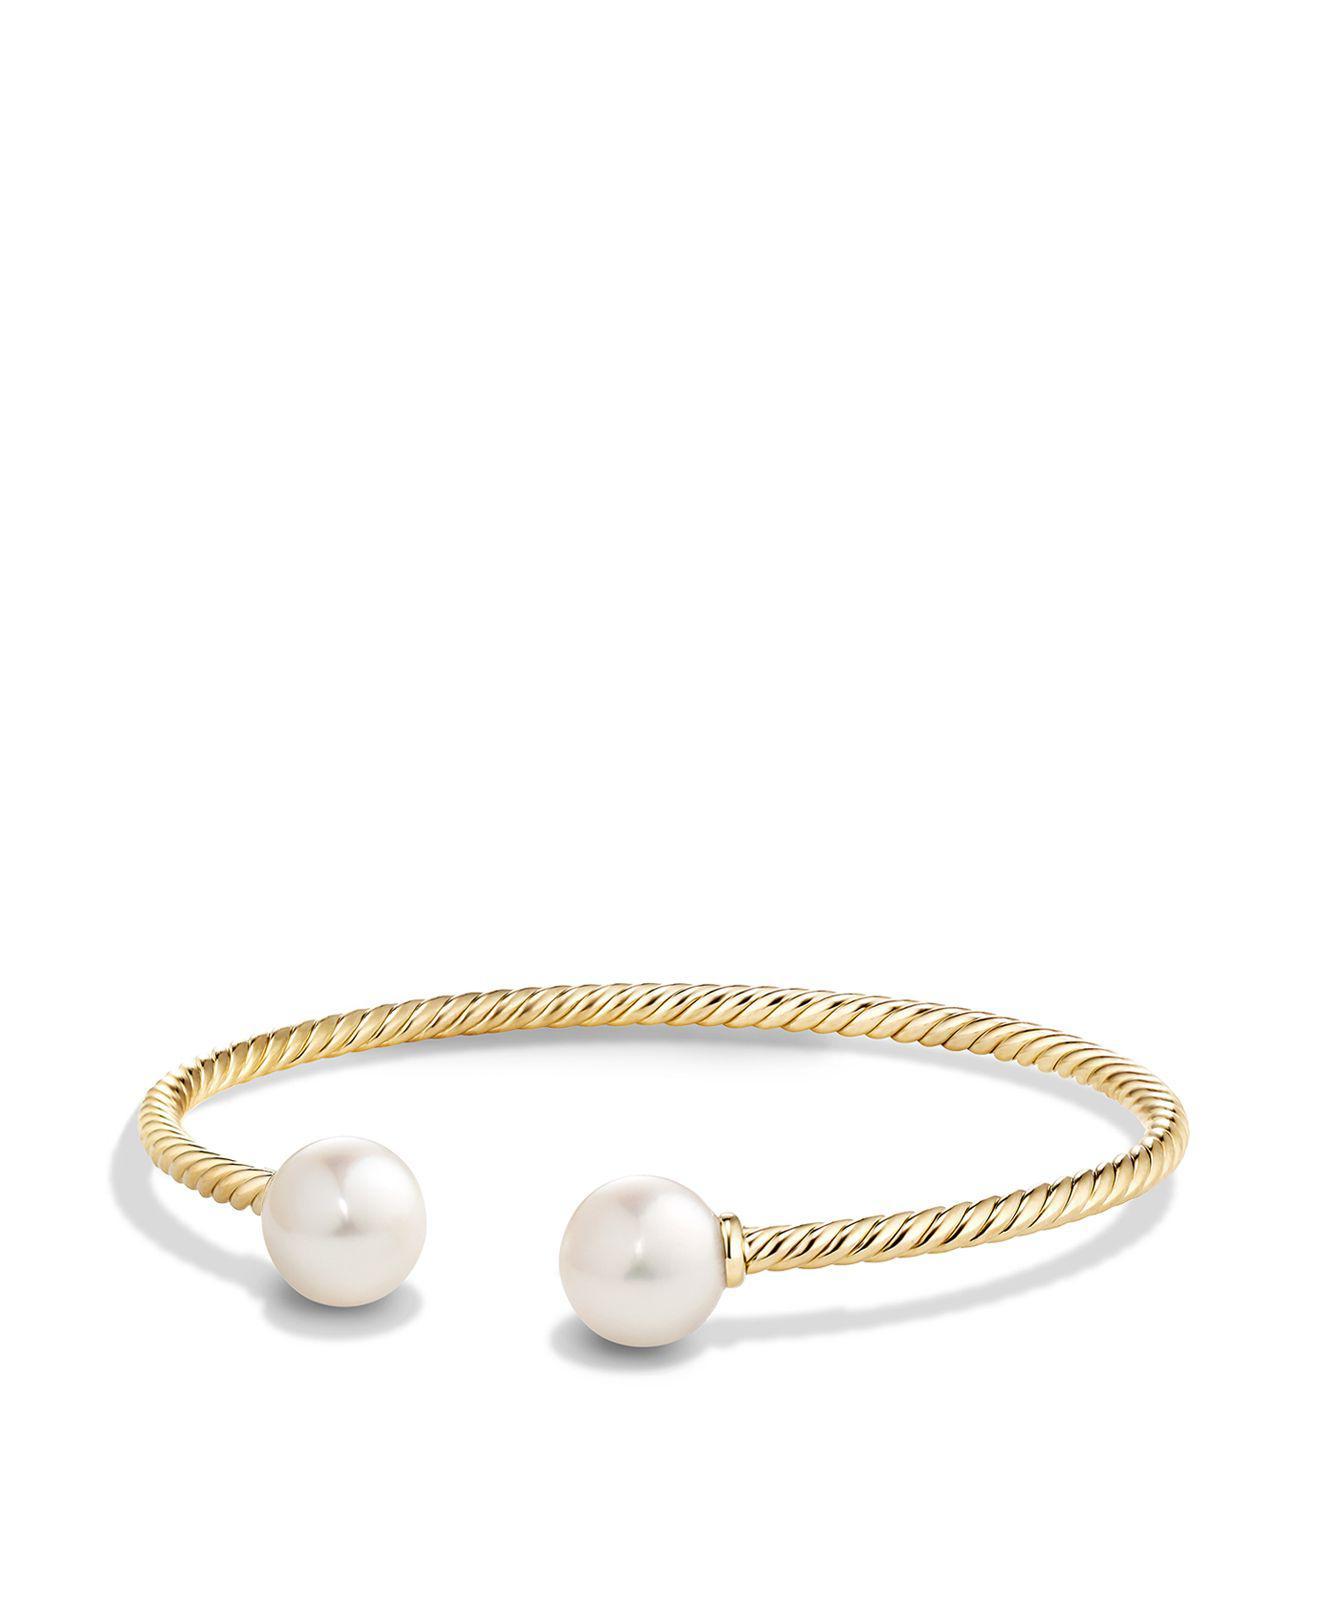 18kt yellow gold Solari cuff bracelet - Metallic David Yurman uGRxNDMud